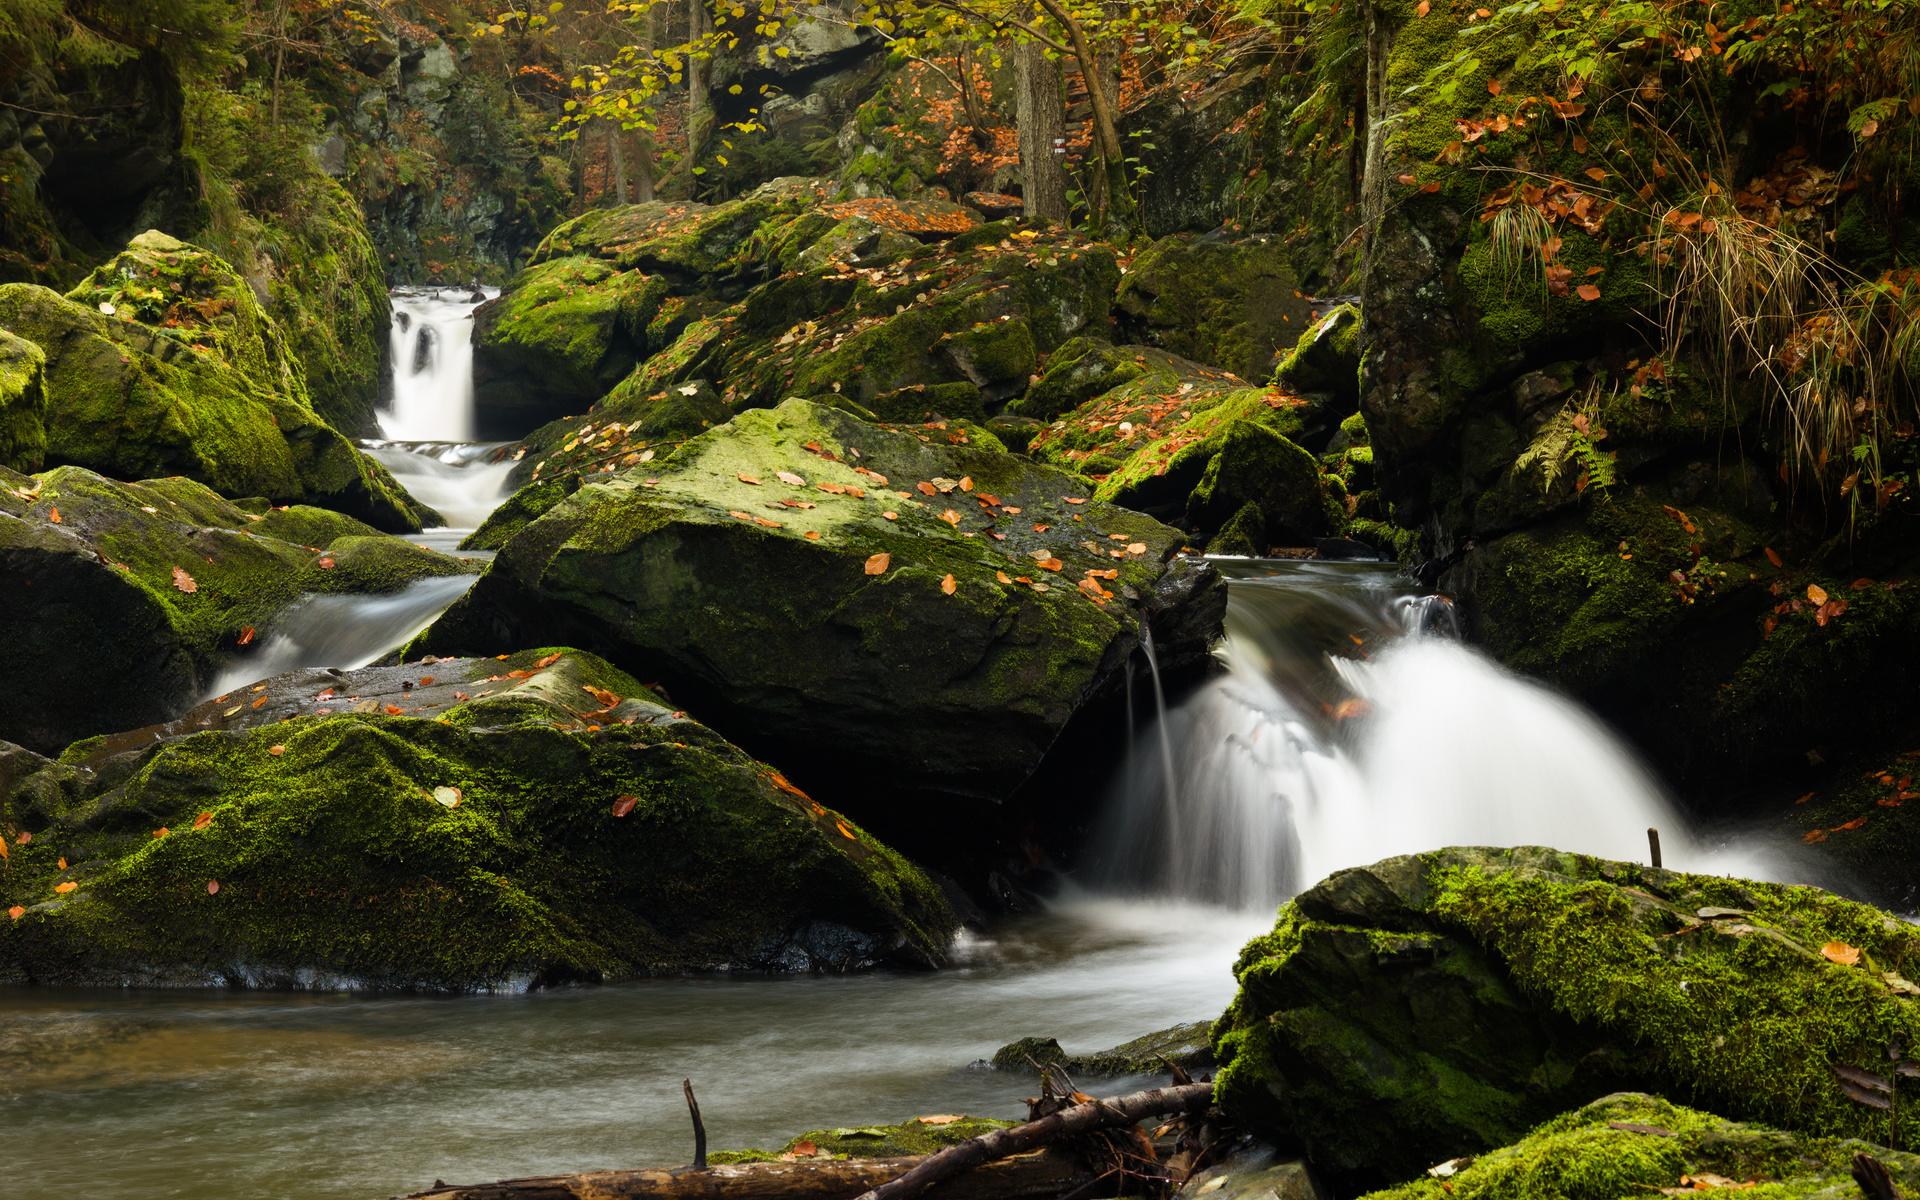 водопад, камни, мох, ветки, вода